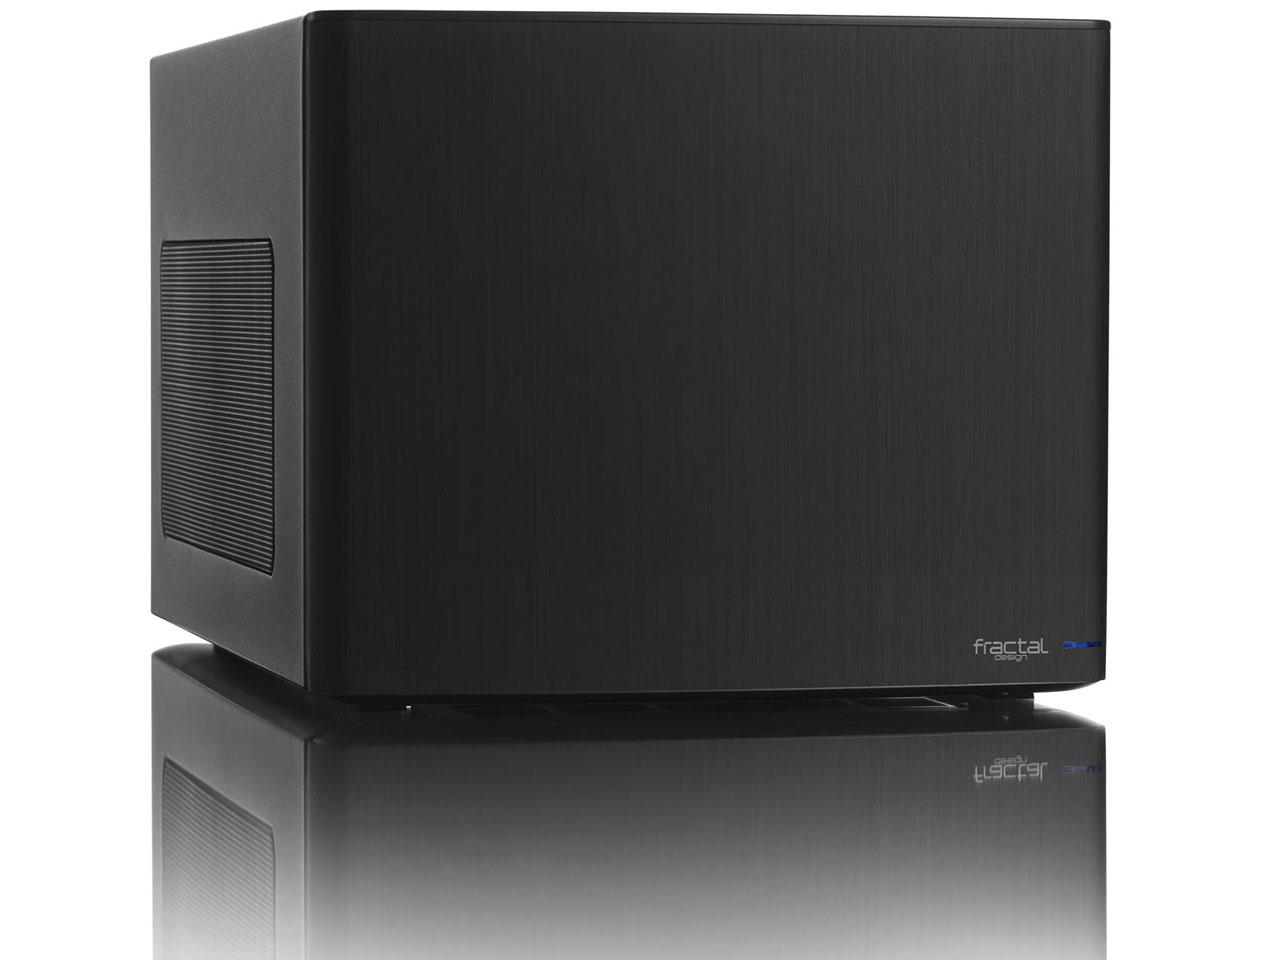 телевизор рубин схема 55fm10t